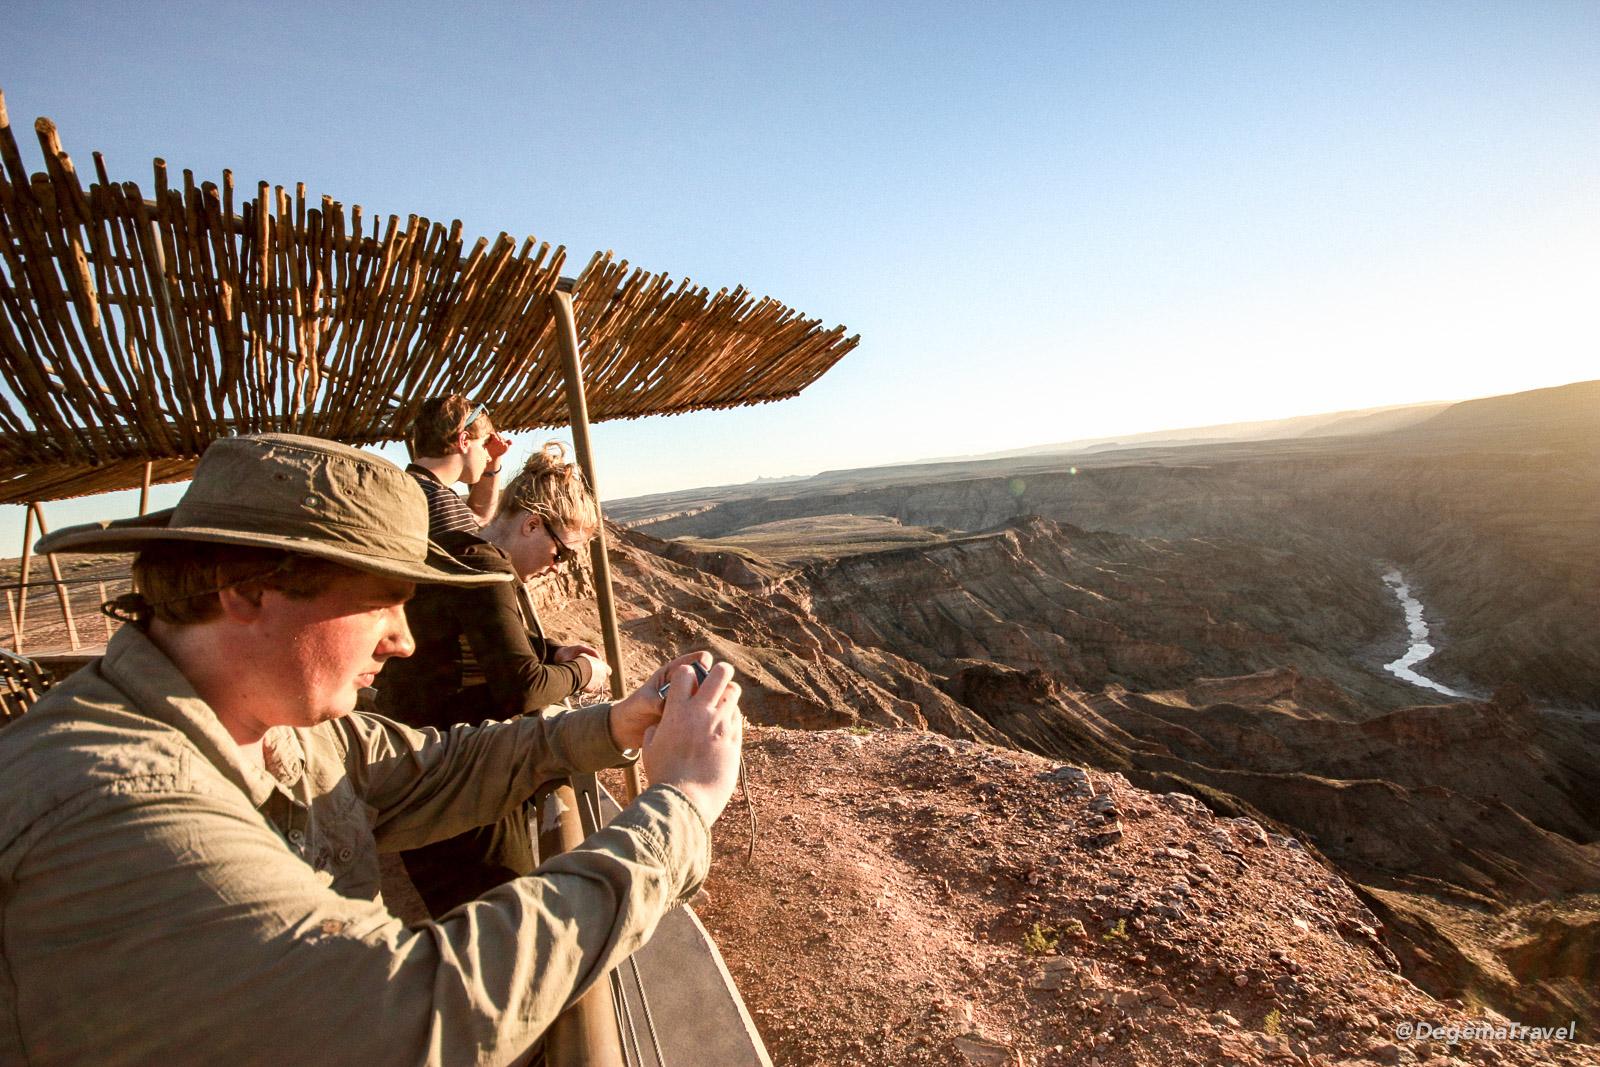 Enjoying the view at Fish River Canyon, Namibia